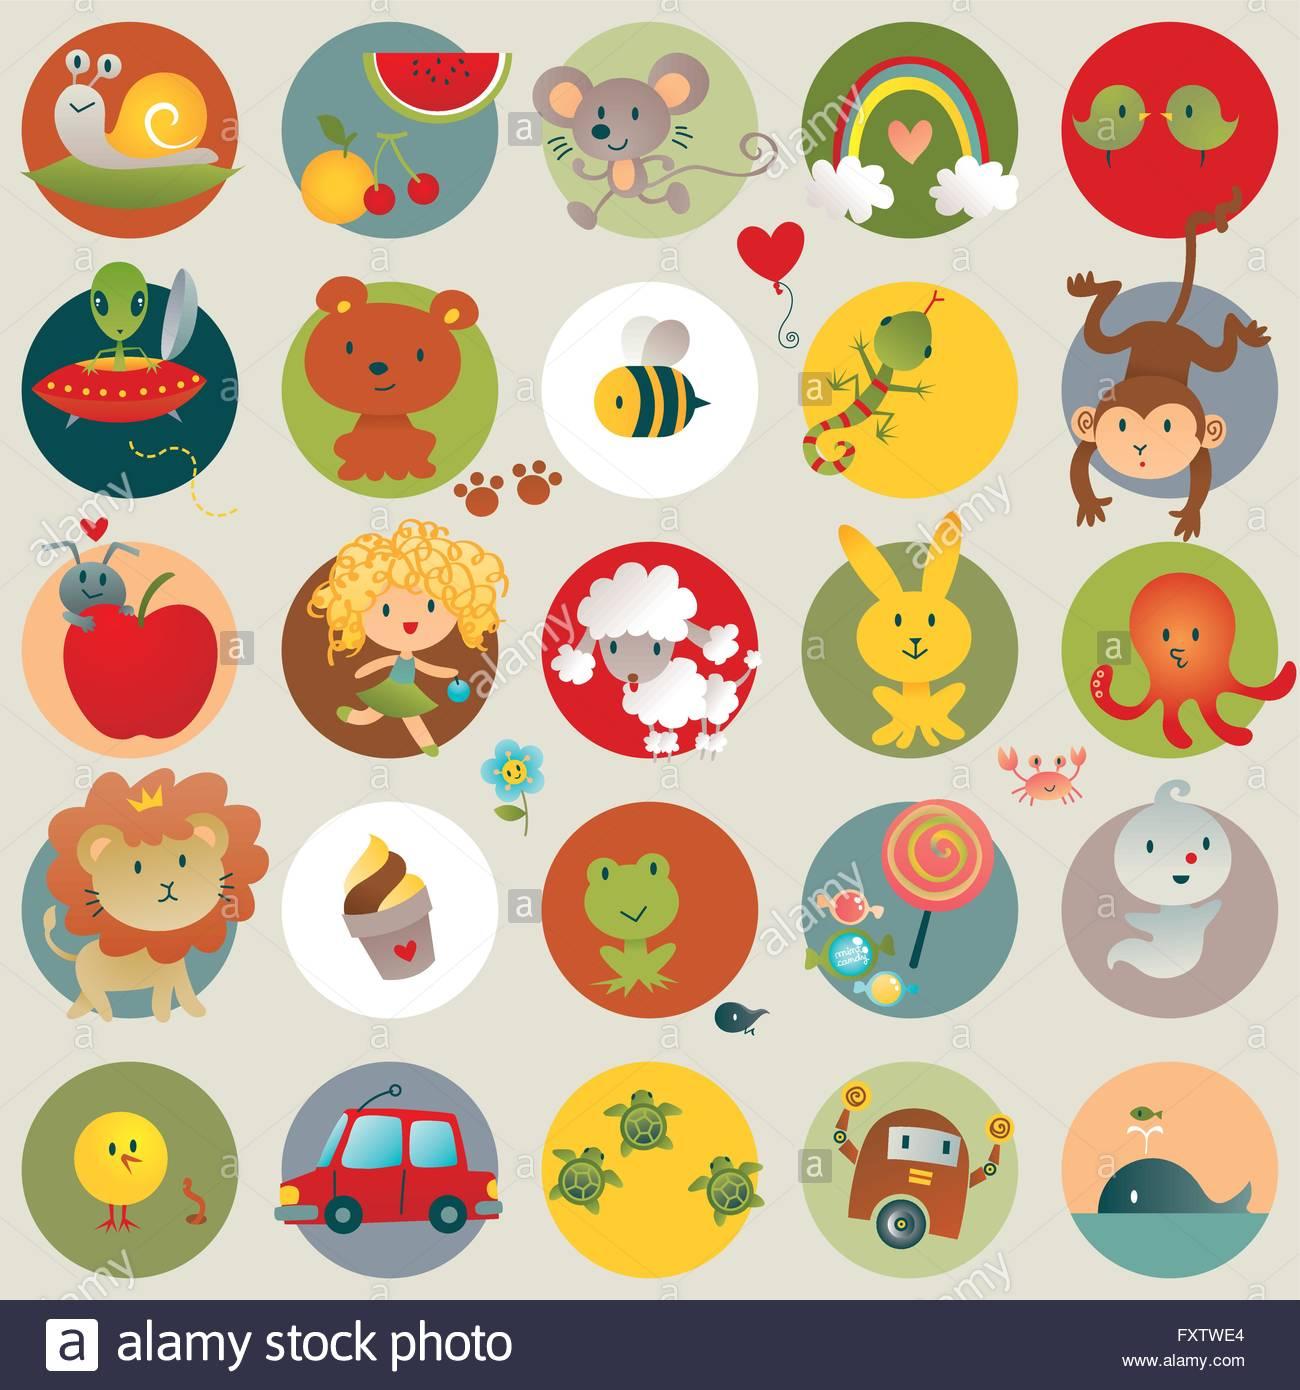 Simpatici Disegni Per Bambini Bambino Illustrazione Vettoriale